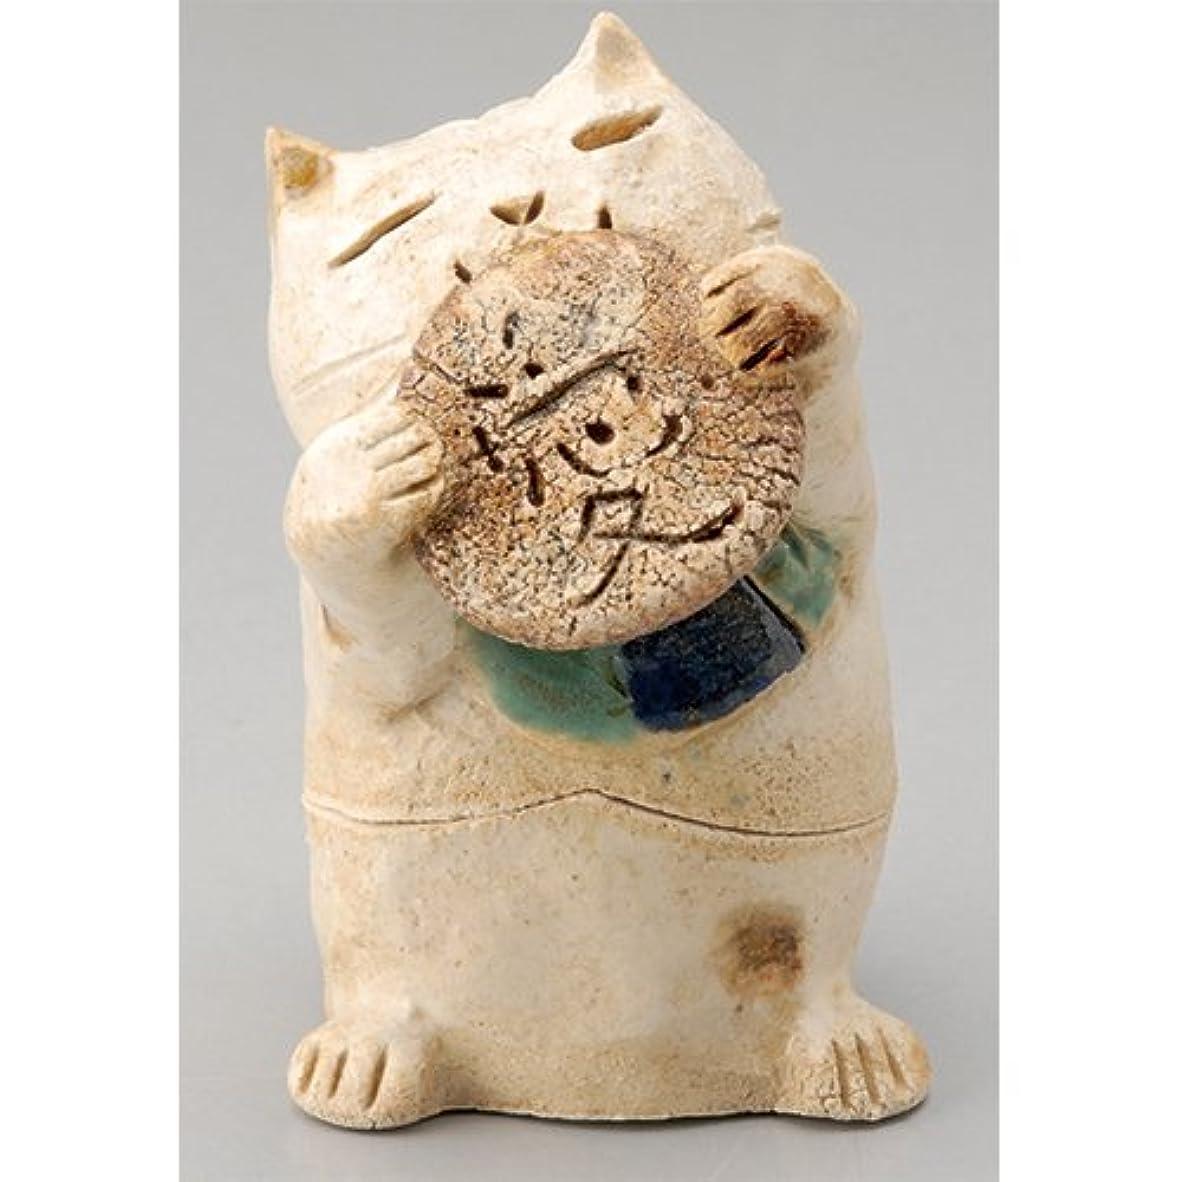 梨注ぎます君主制香炉 ごえん猫 香炉(愛) [H8cm] HANDMADE プレゼント ギフト 和食器 かわいい インテリア